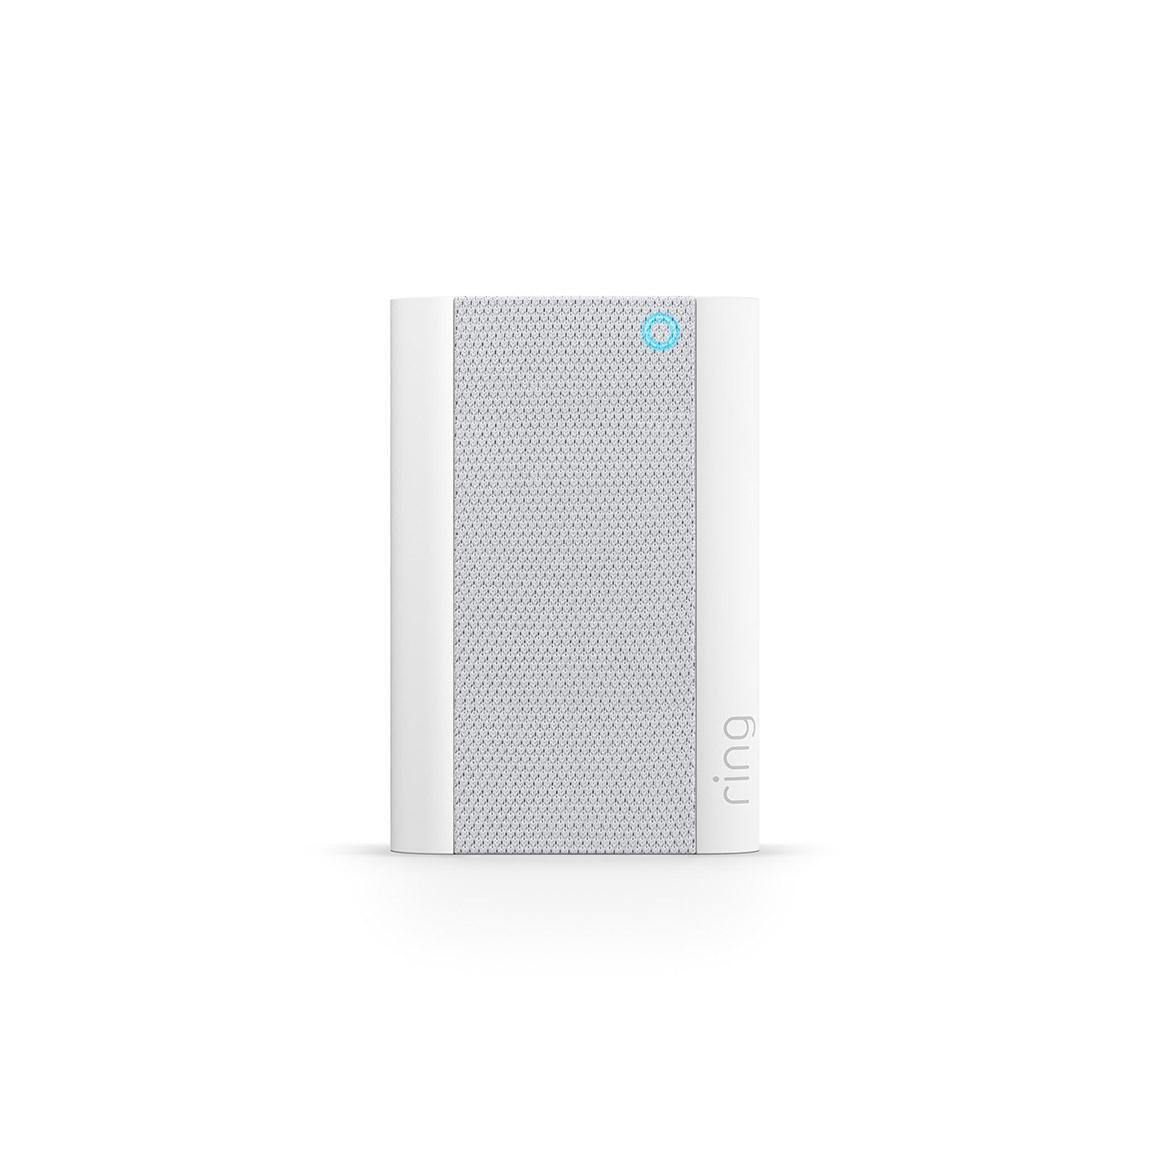 Ring Chime Pro Gen. 2 - WLAN-Signalverstärker und Türgong - Weiß